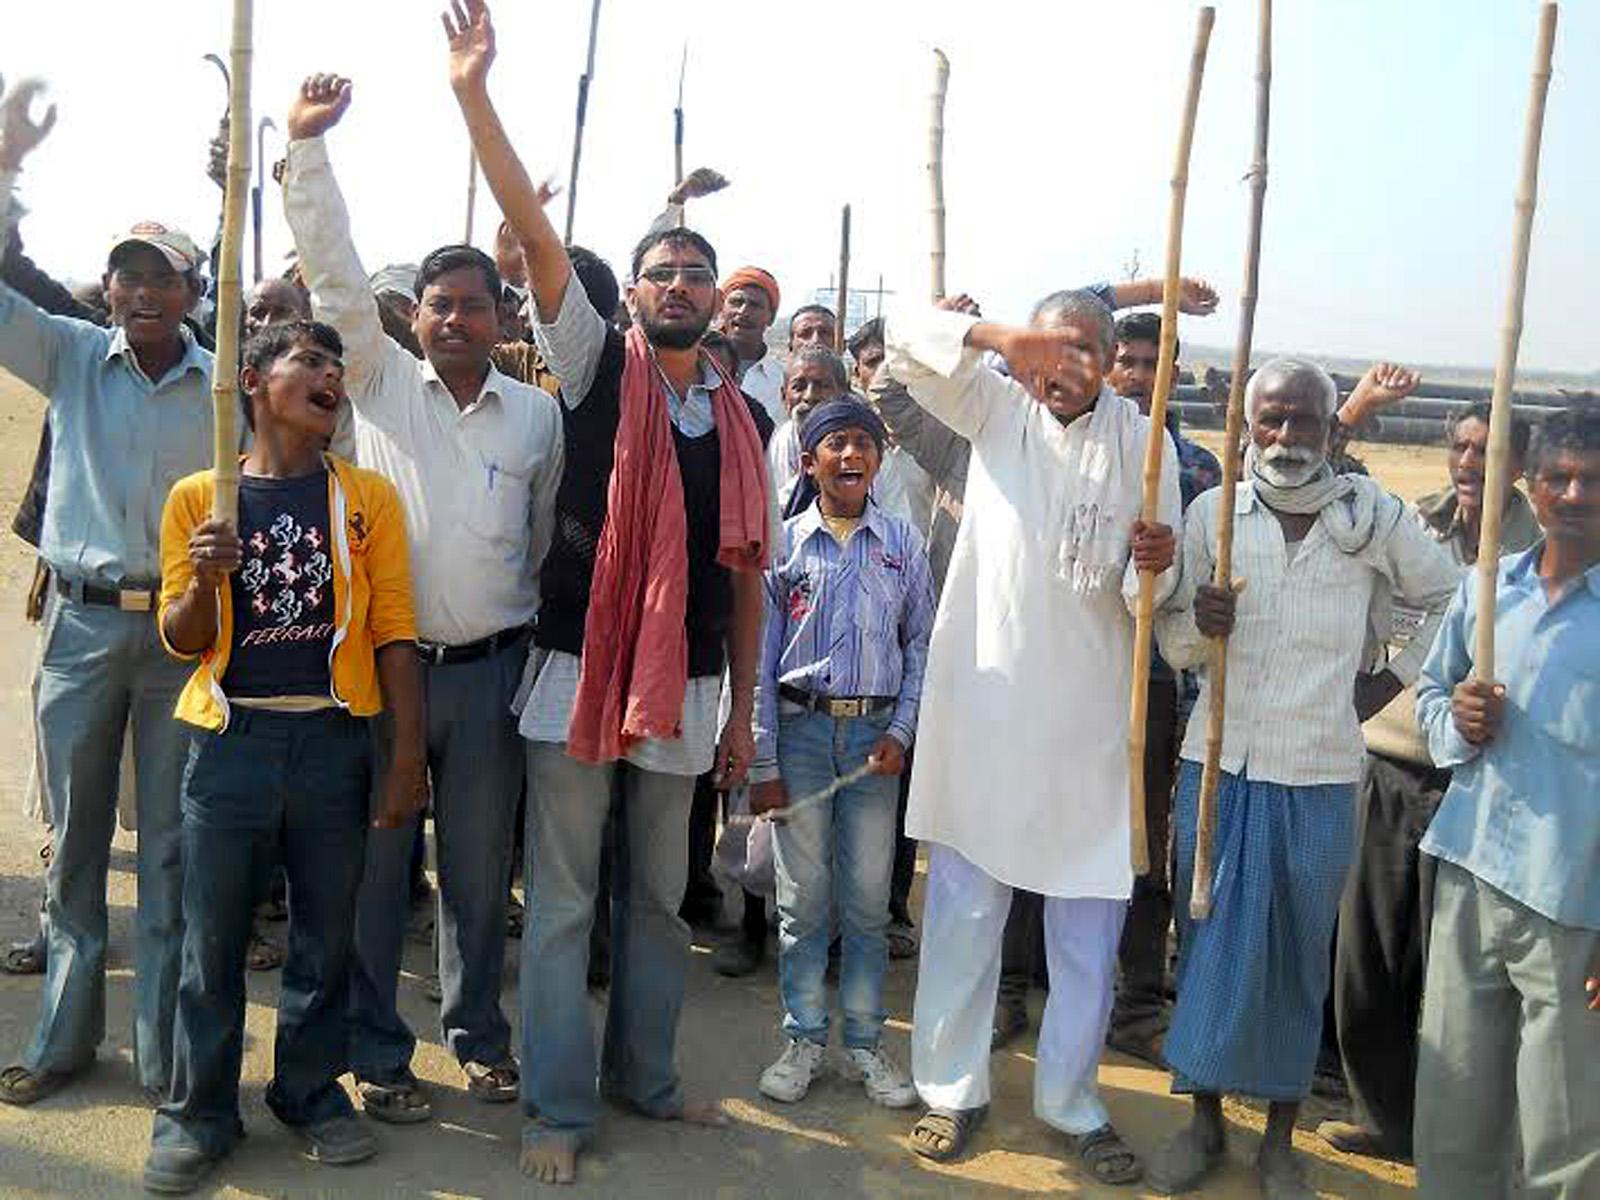 एन.टी.पी.सी. के खिलाफ किसानों का विरोध